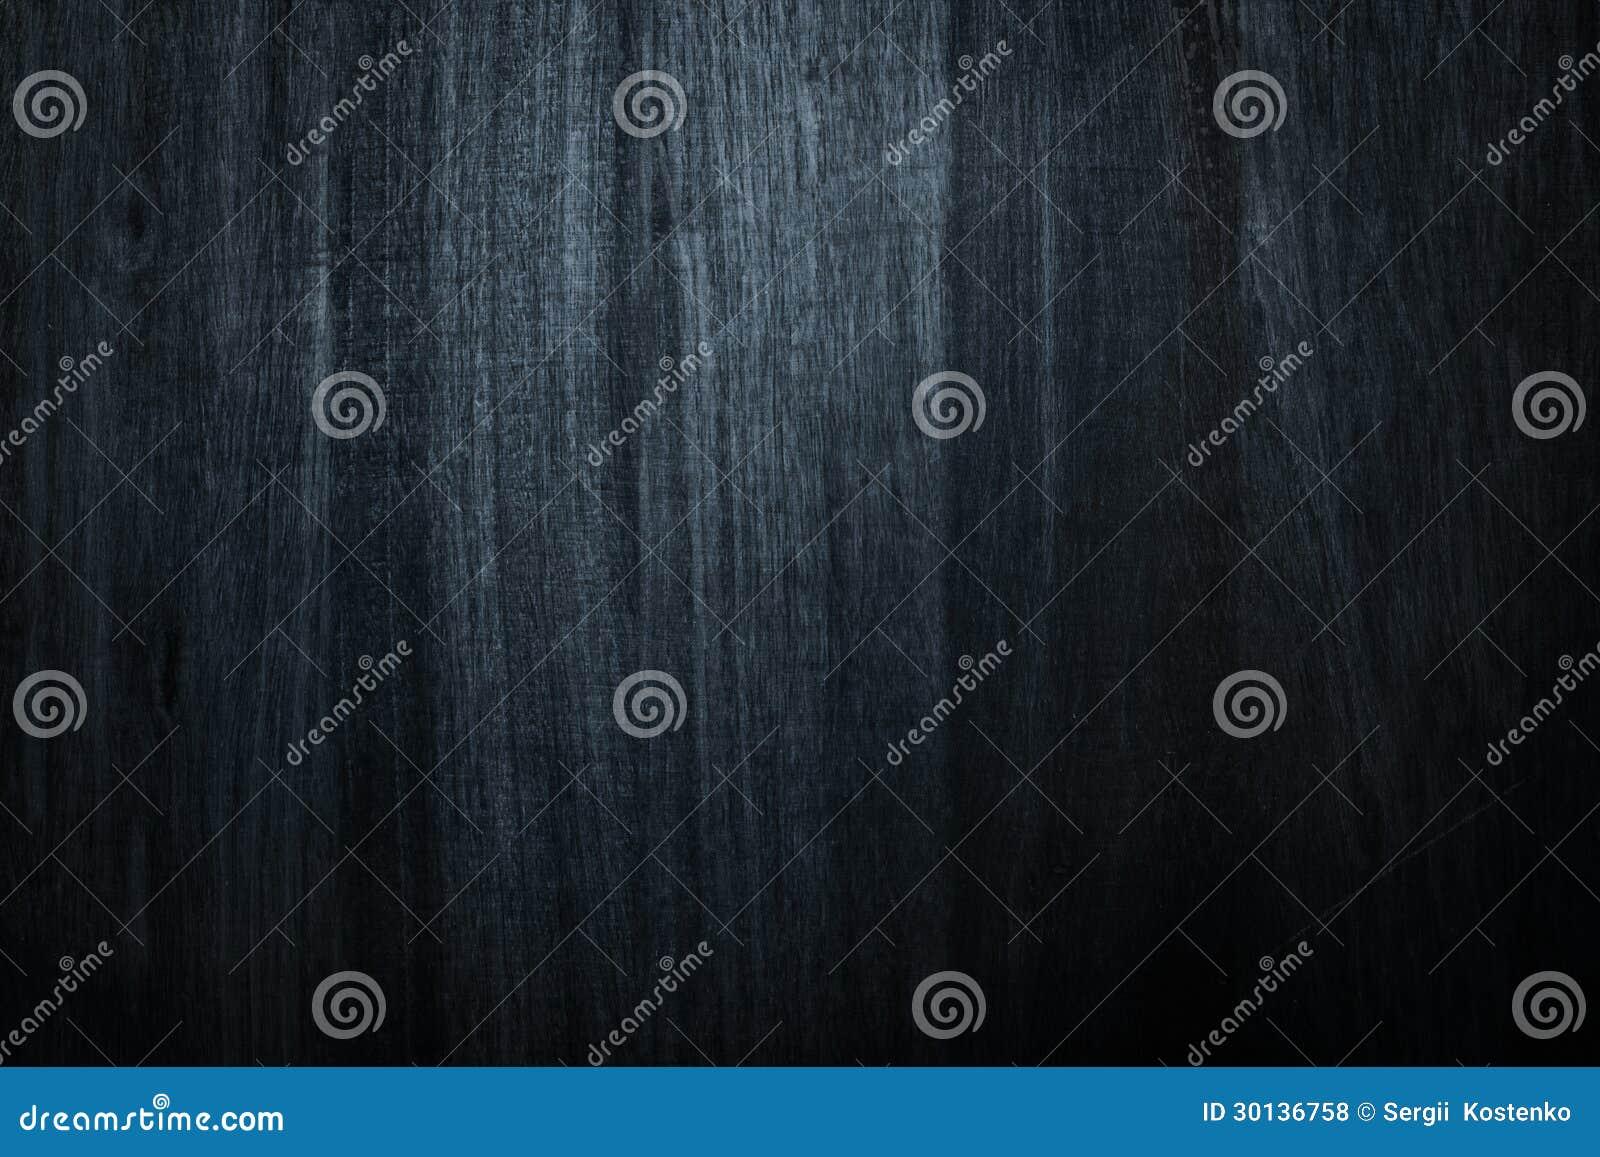 Σκοτεινό ξύλινο μπλε υπόβαθρο σύστασης